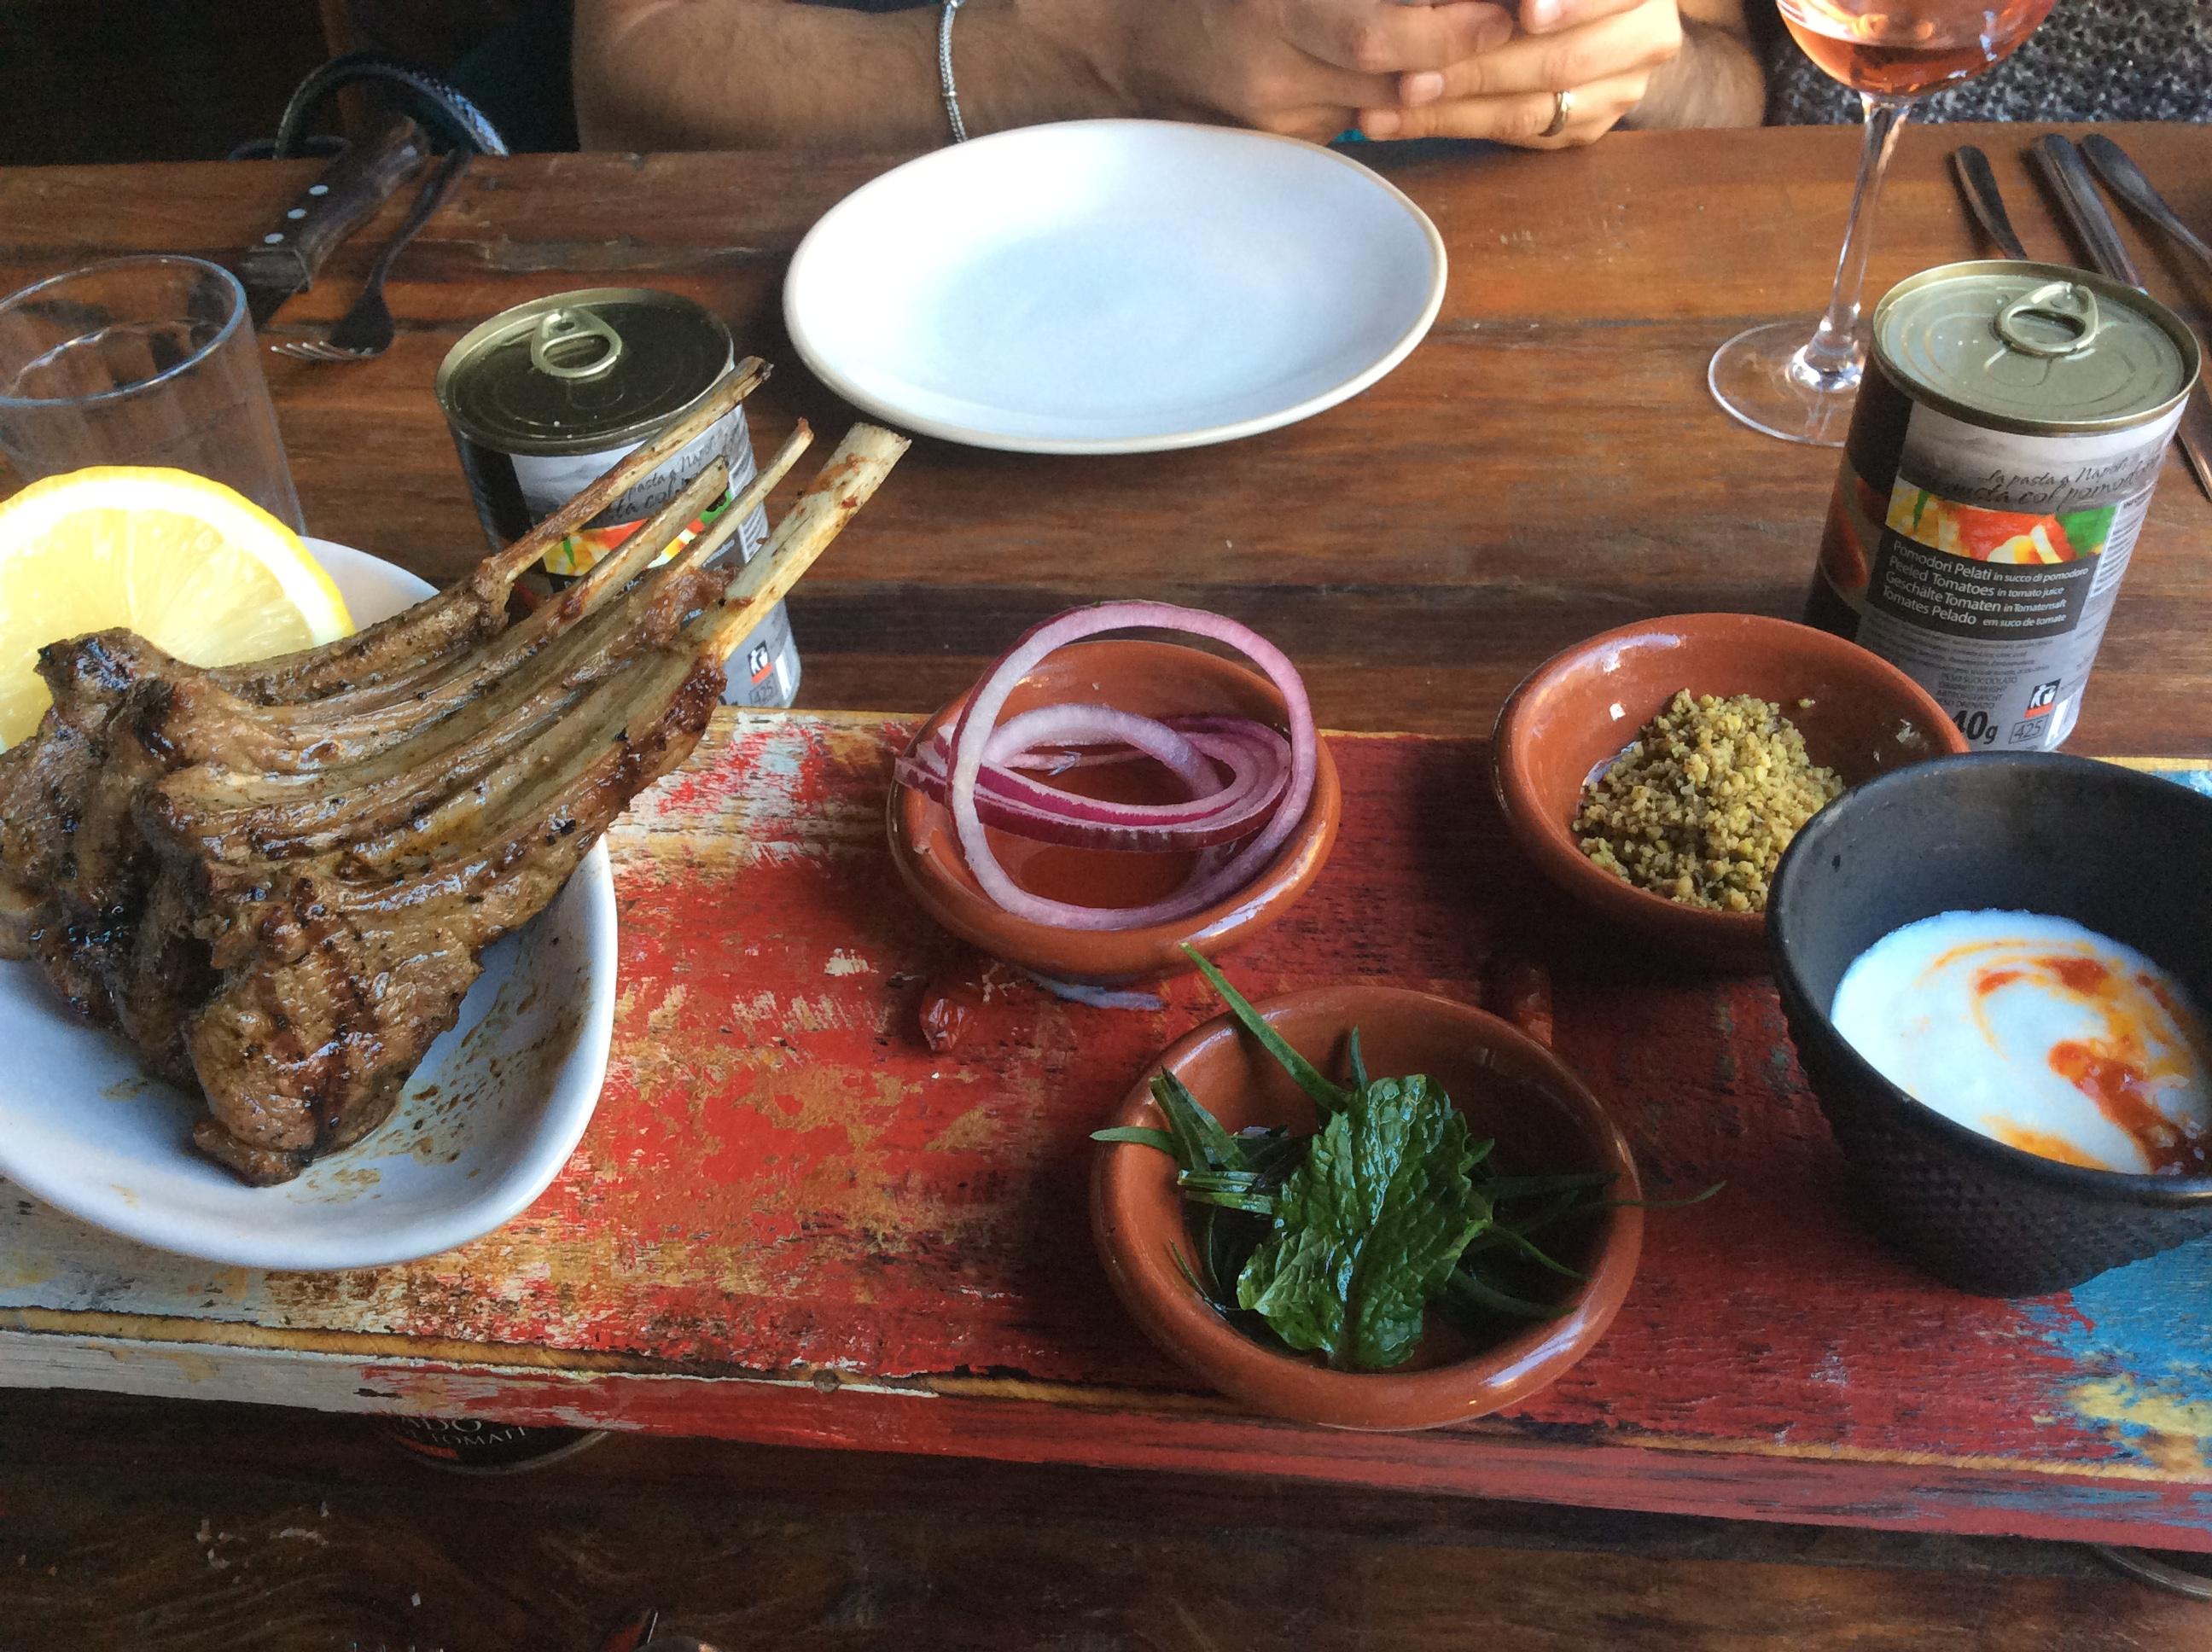 Costeletas de cordeiro Grelhada servidas com picles de cebolas roxa, nozes tostadas, ervas frescas & iogurte cítrico